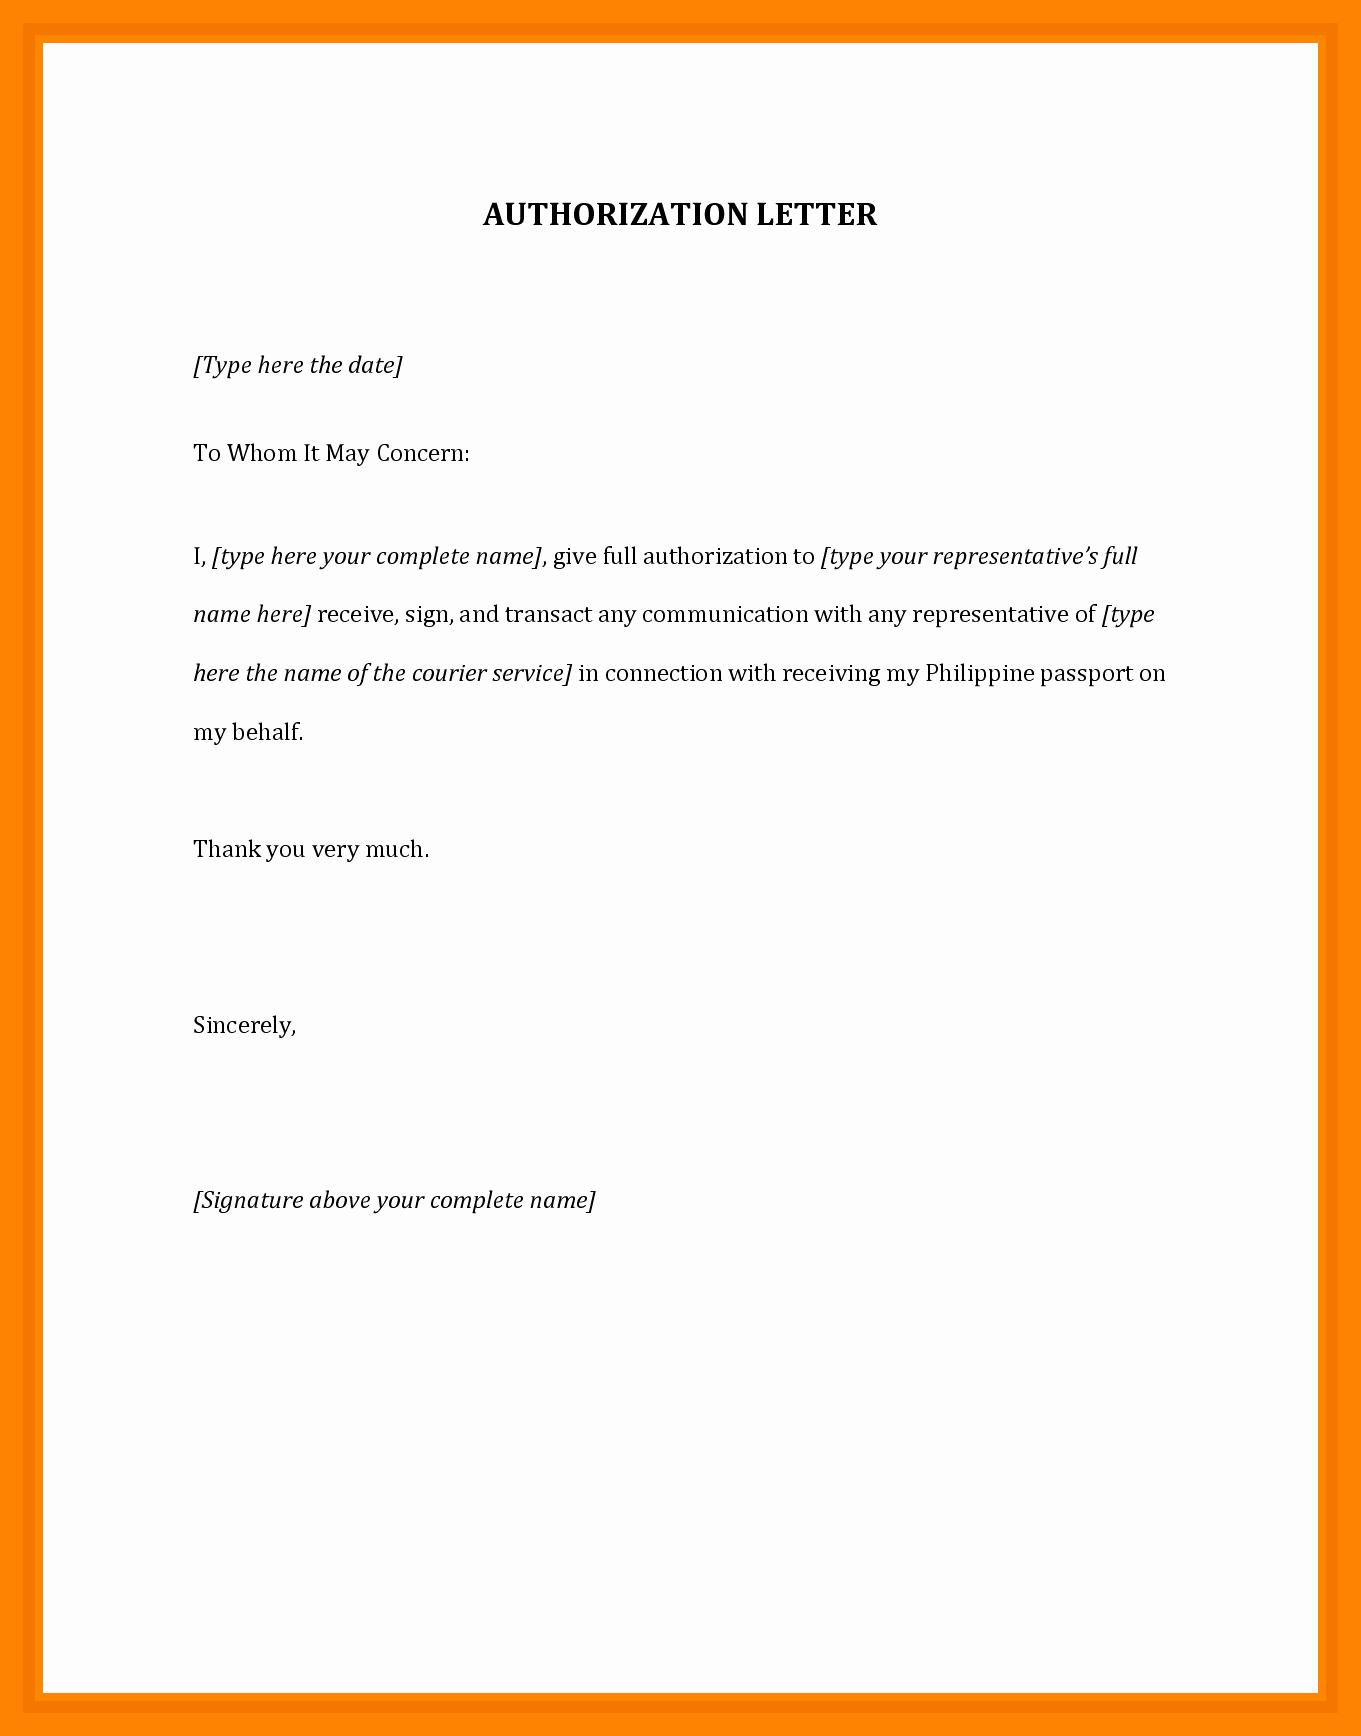 Sample Letter Of Reimbursement Money Luxury 12 Authorization Letter Sample for Claiming Money